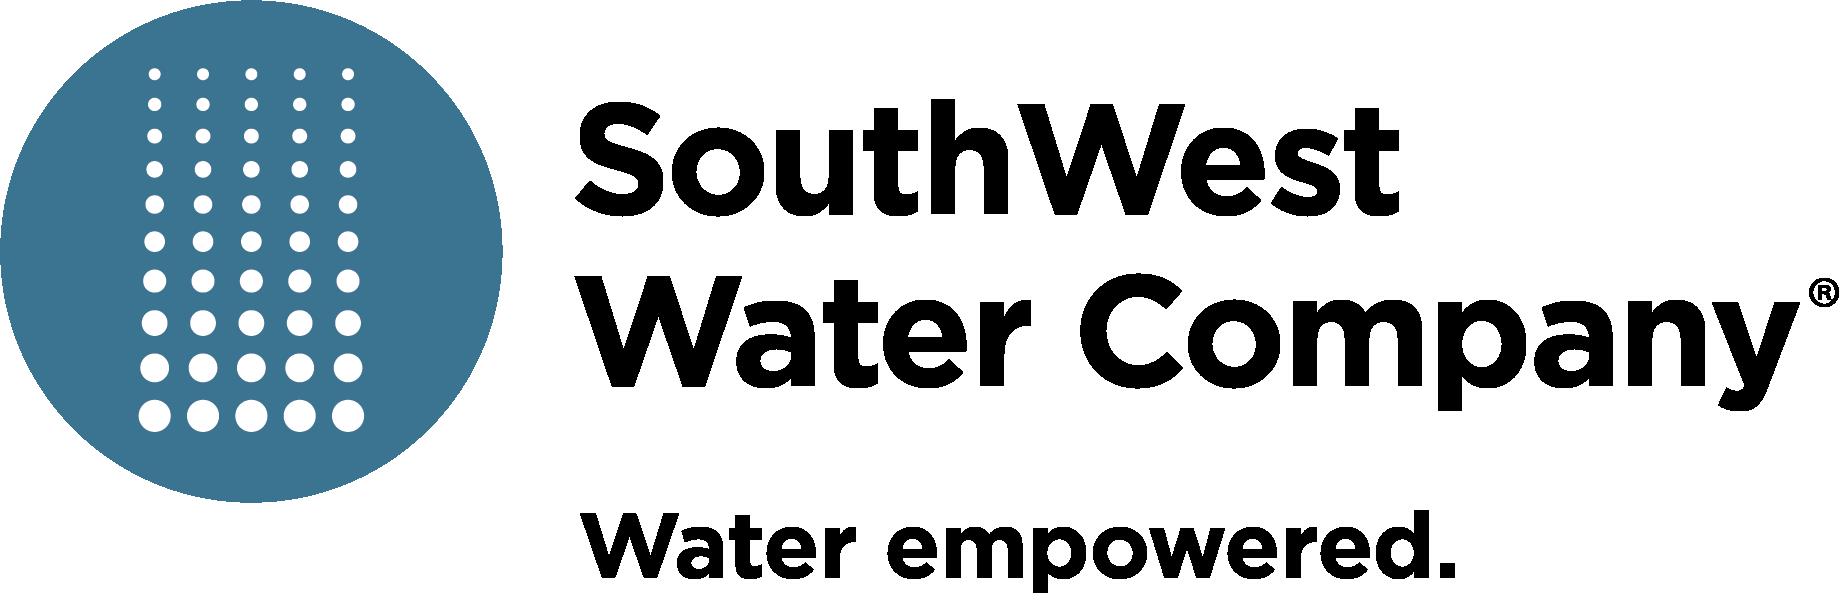 swwc-logo